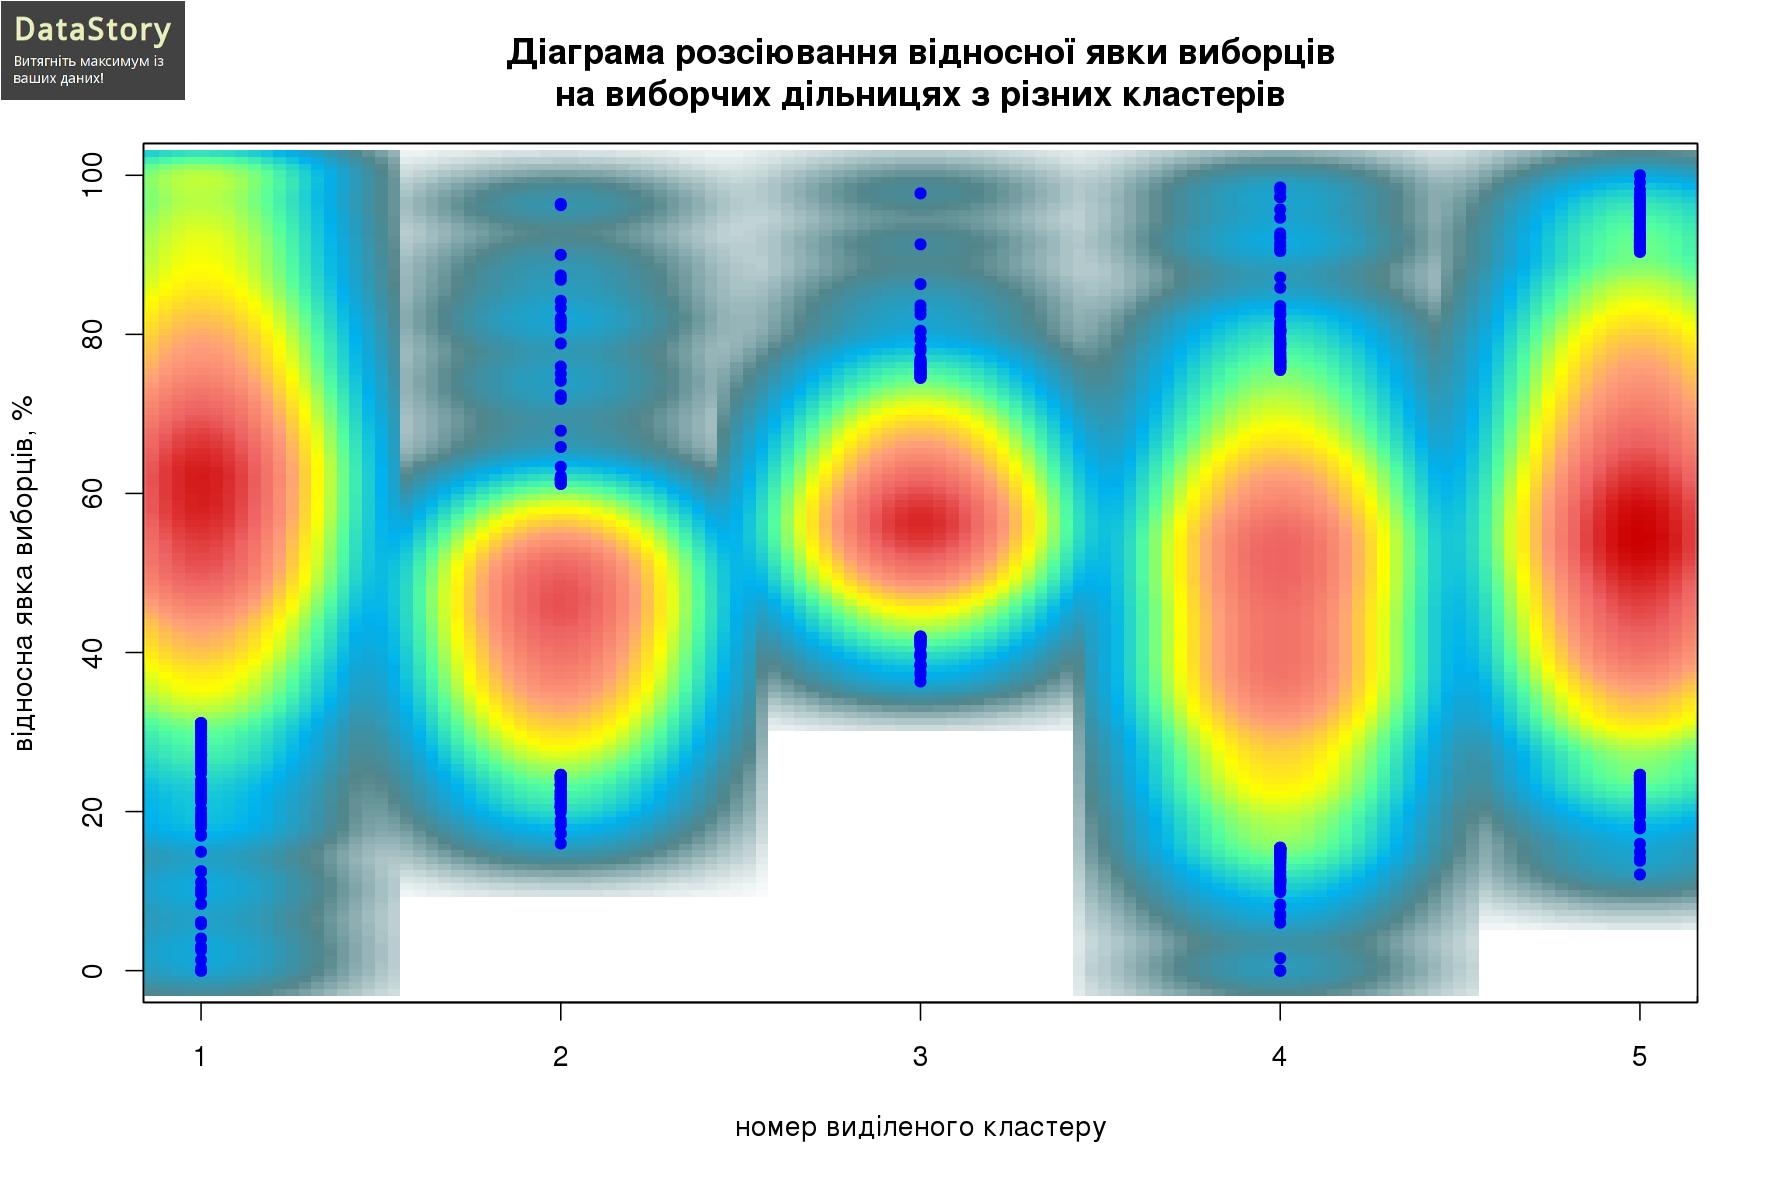 Діаграма розсіювання відносної явки виборців на виборчих дільницях з різних кластерів